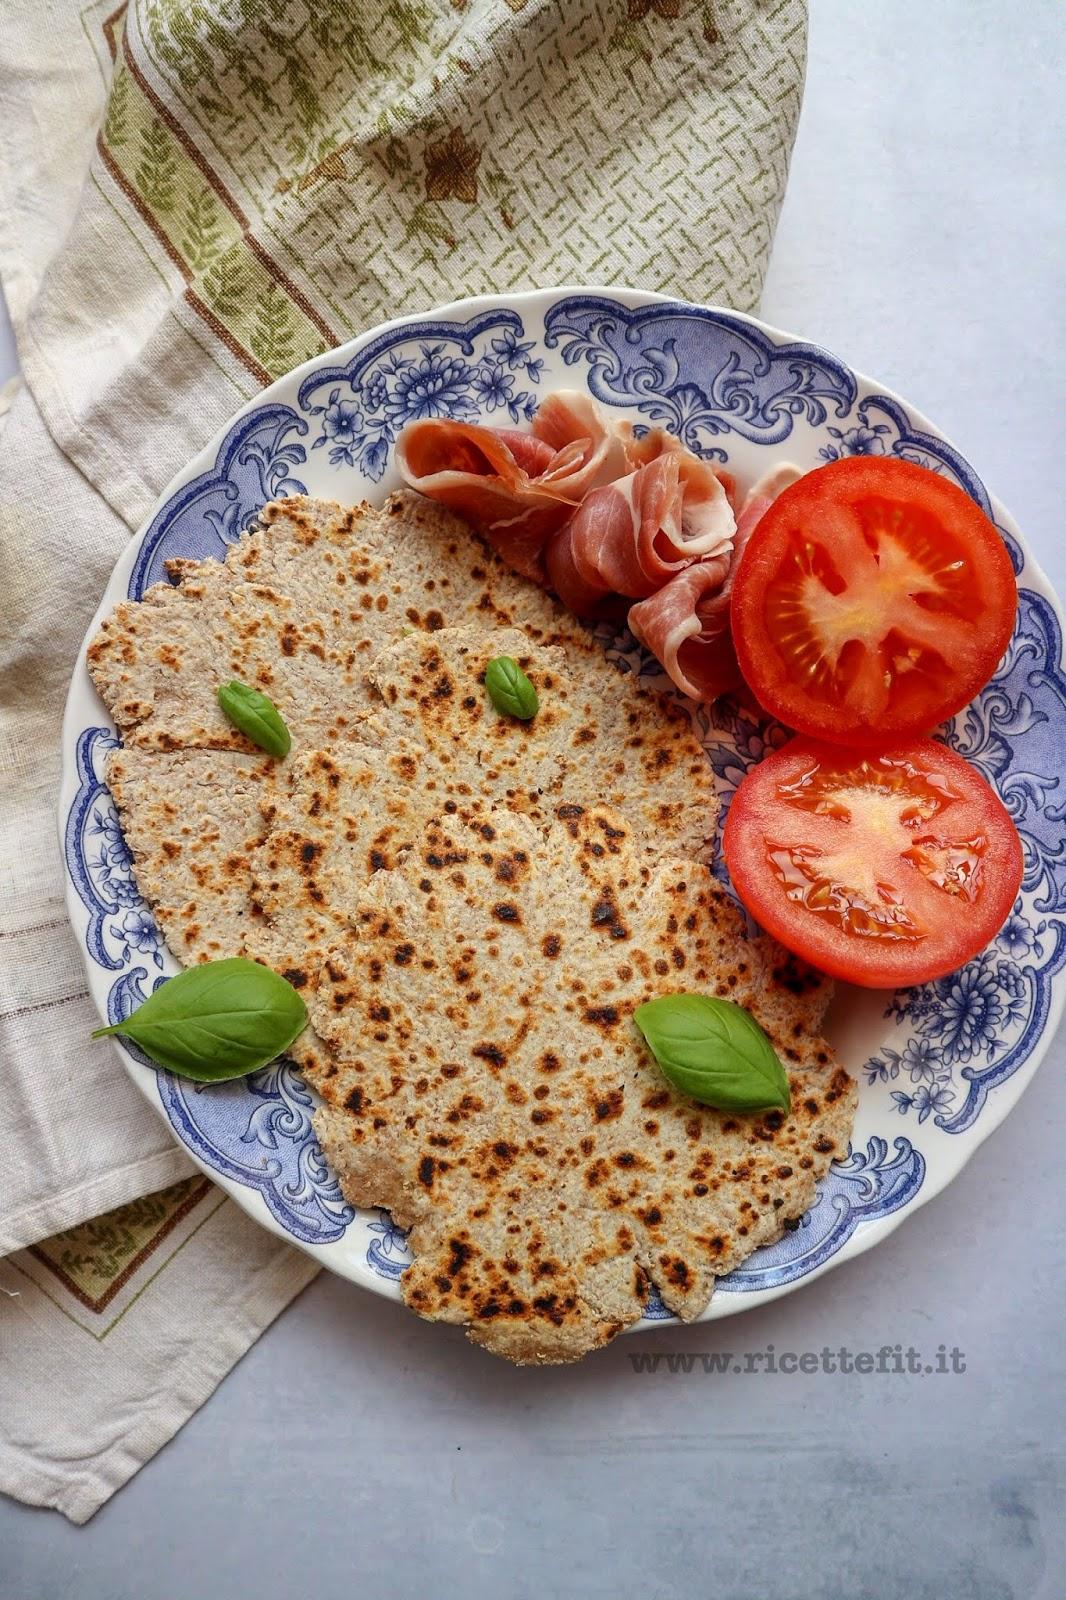 Ricetta Piadina Light Senza Lievito.Ricette Fit Per Pane Integrale In Padella Con 2 Ingredienti Senza Lievito 120 Kcal Easy Pan Cooked Flatbread La Vie Est Fit